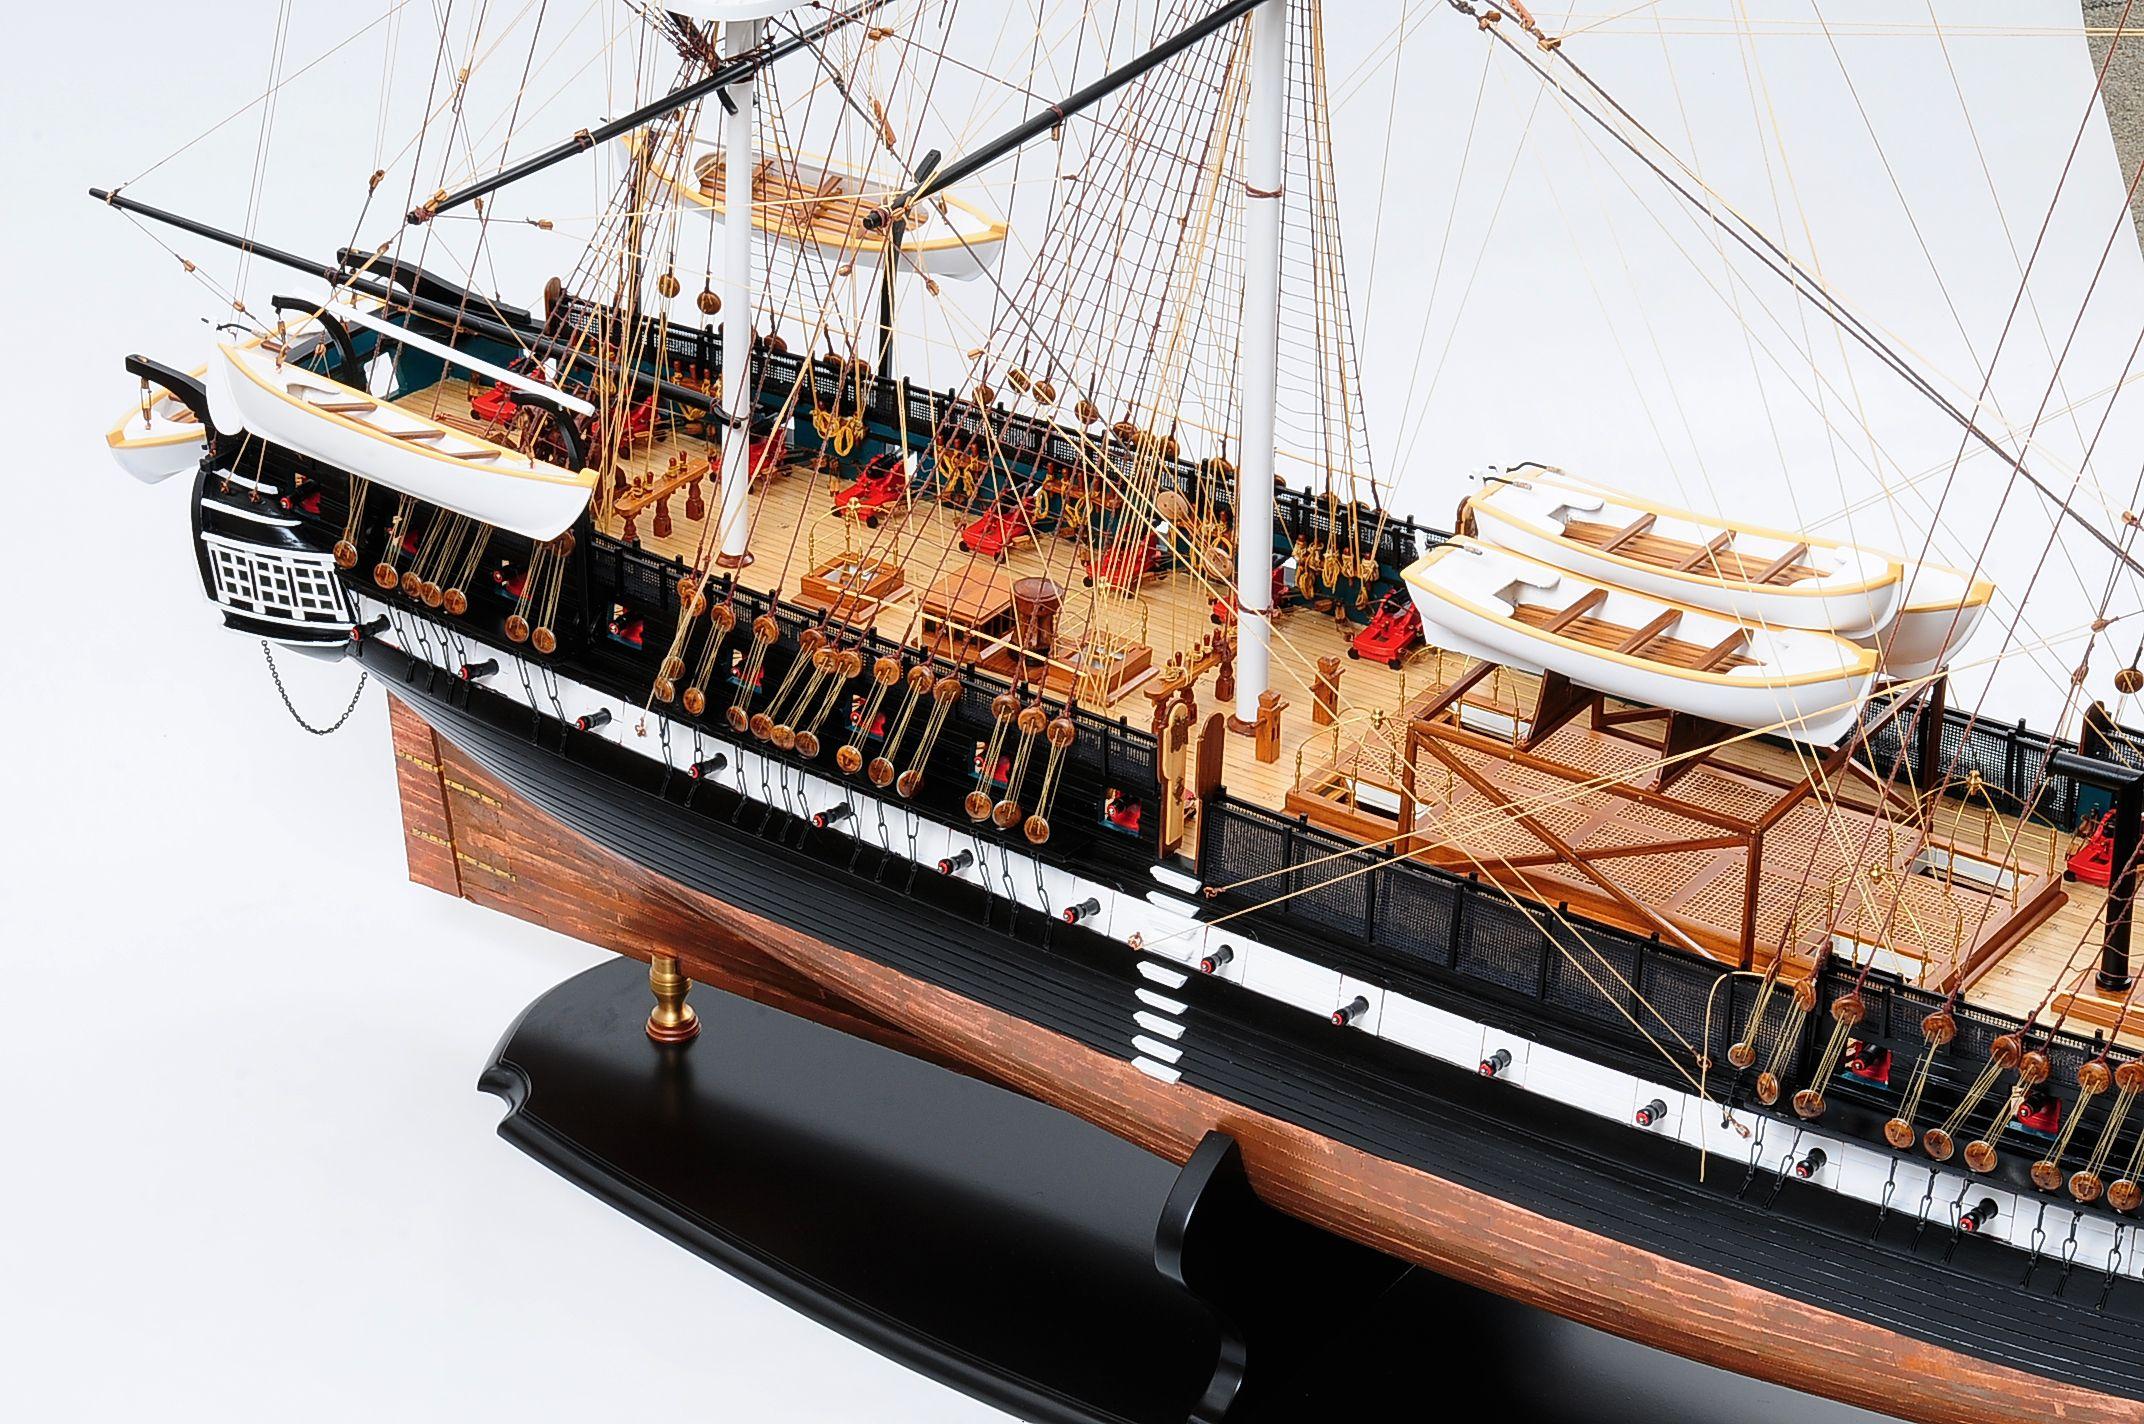 1258-7863-USS-Constitution-Model-Ship-Premier-Range